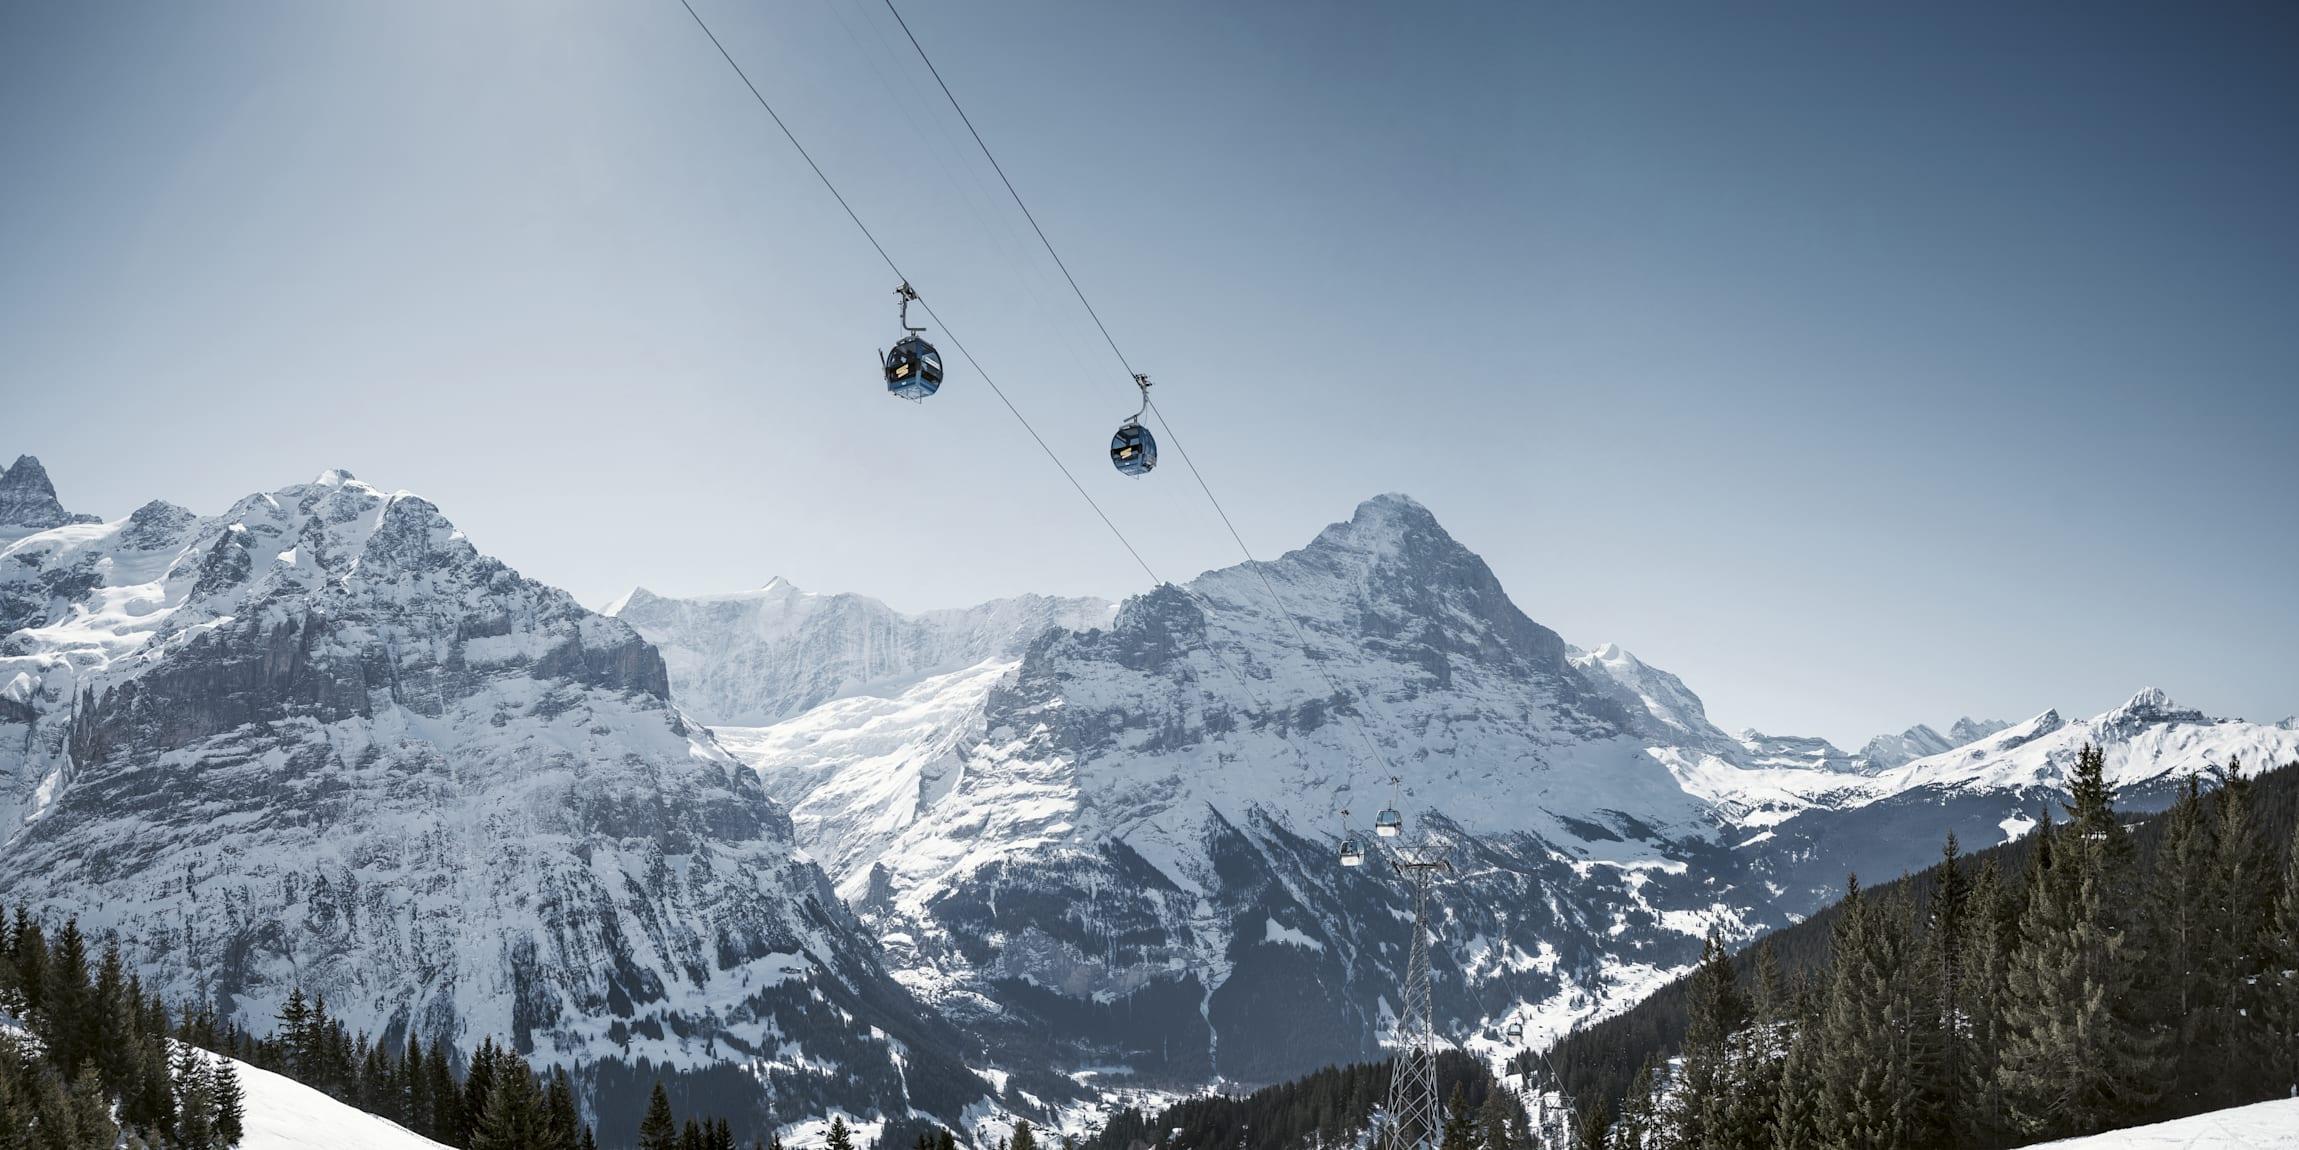 Grindelwald First Eiger Schreckhorn Firstbahn Schnee